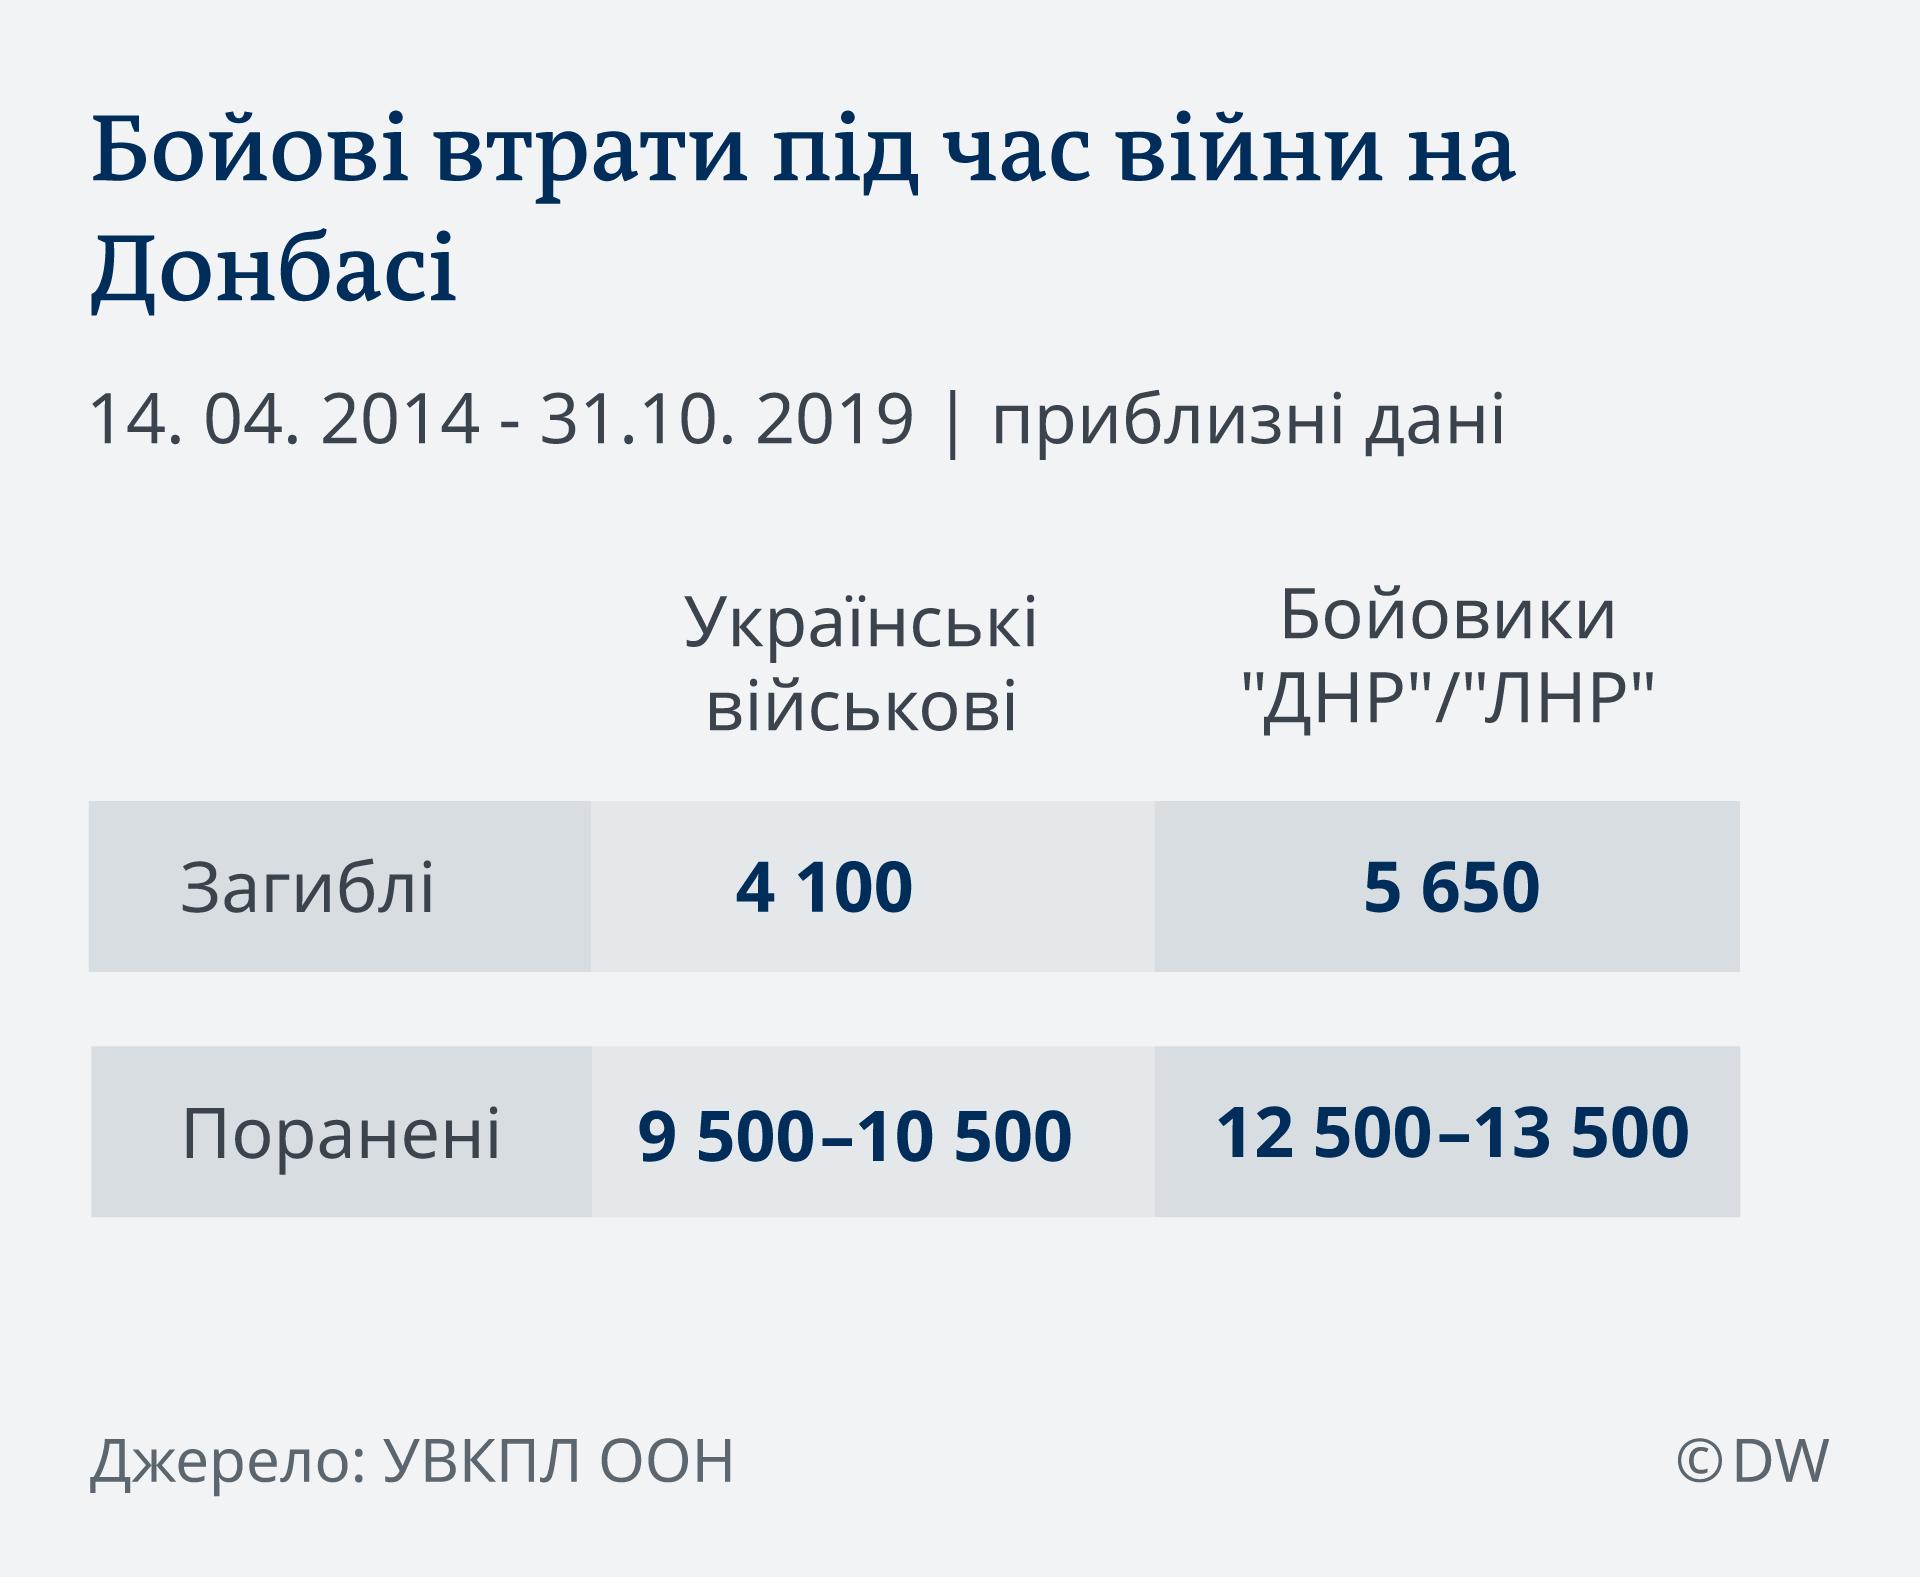 Статистика жертв війни на Донбасі